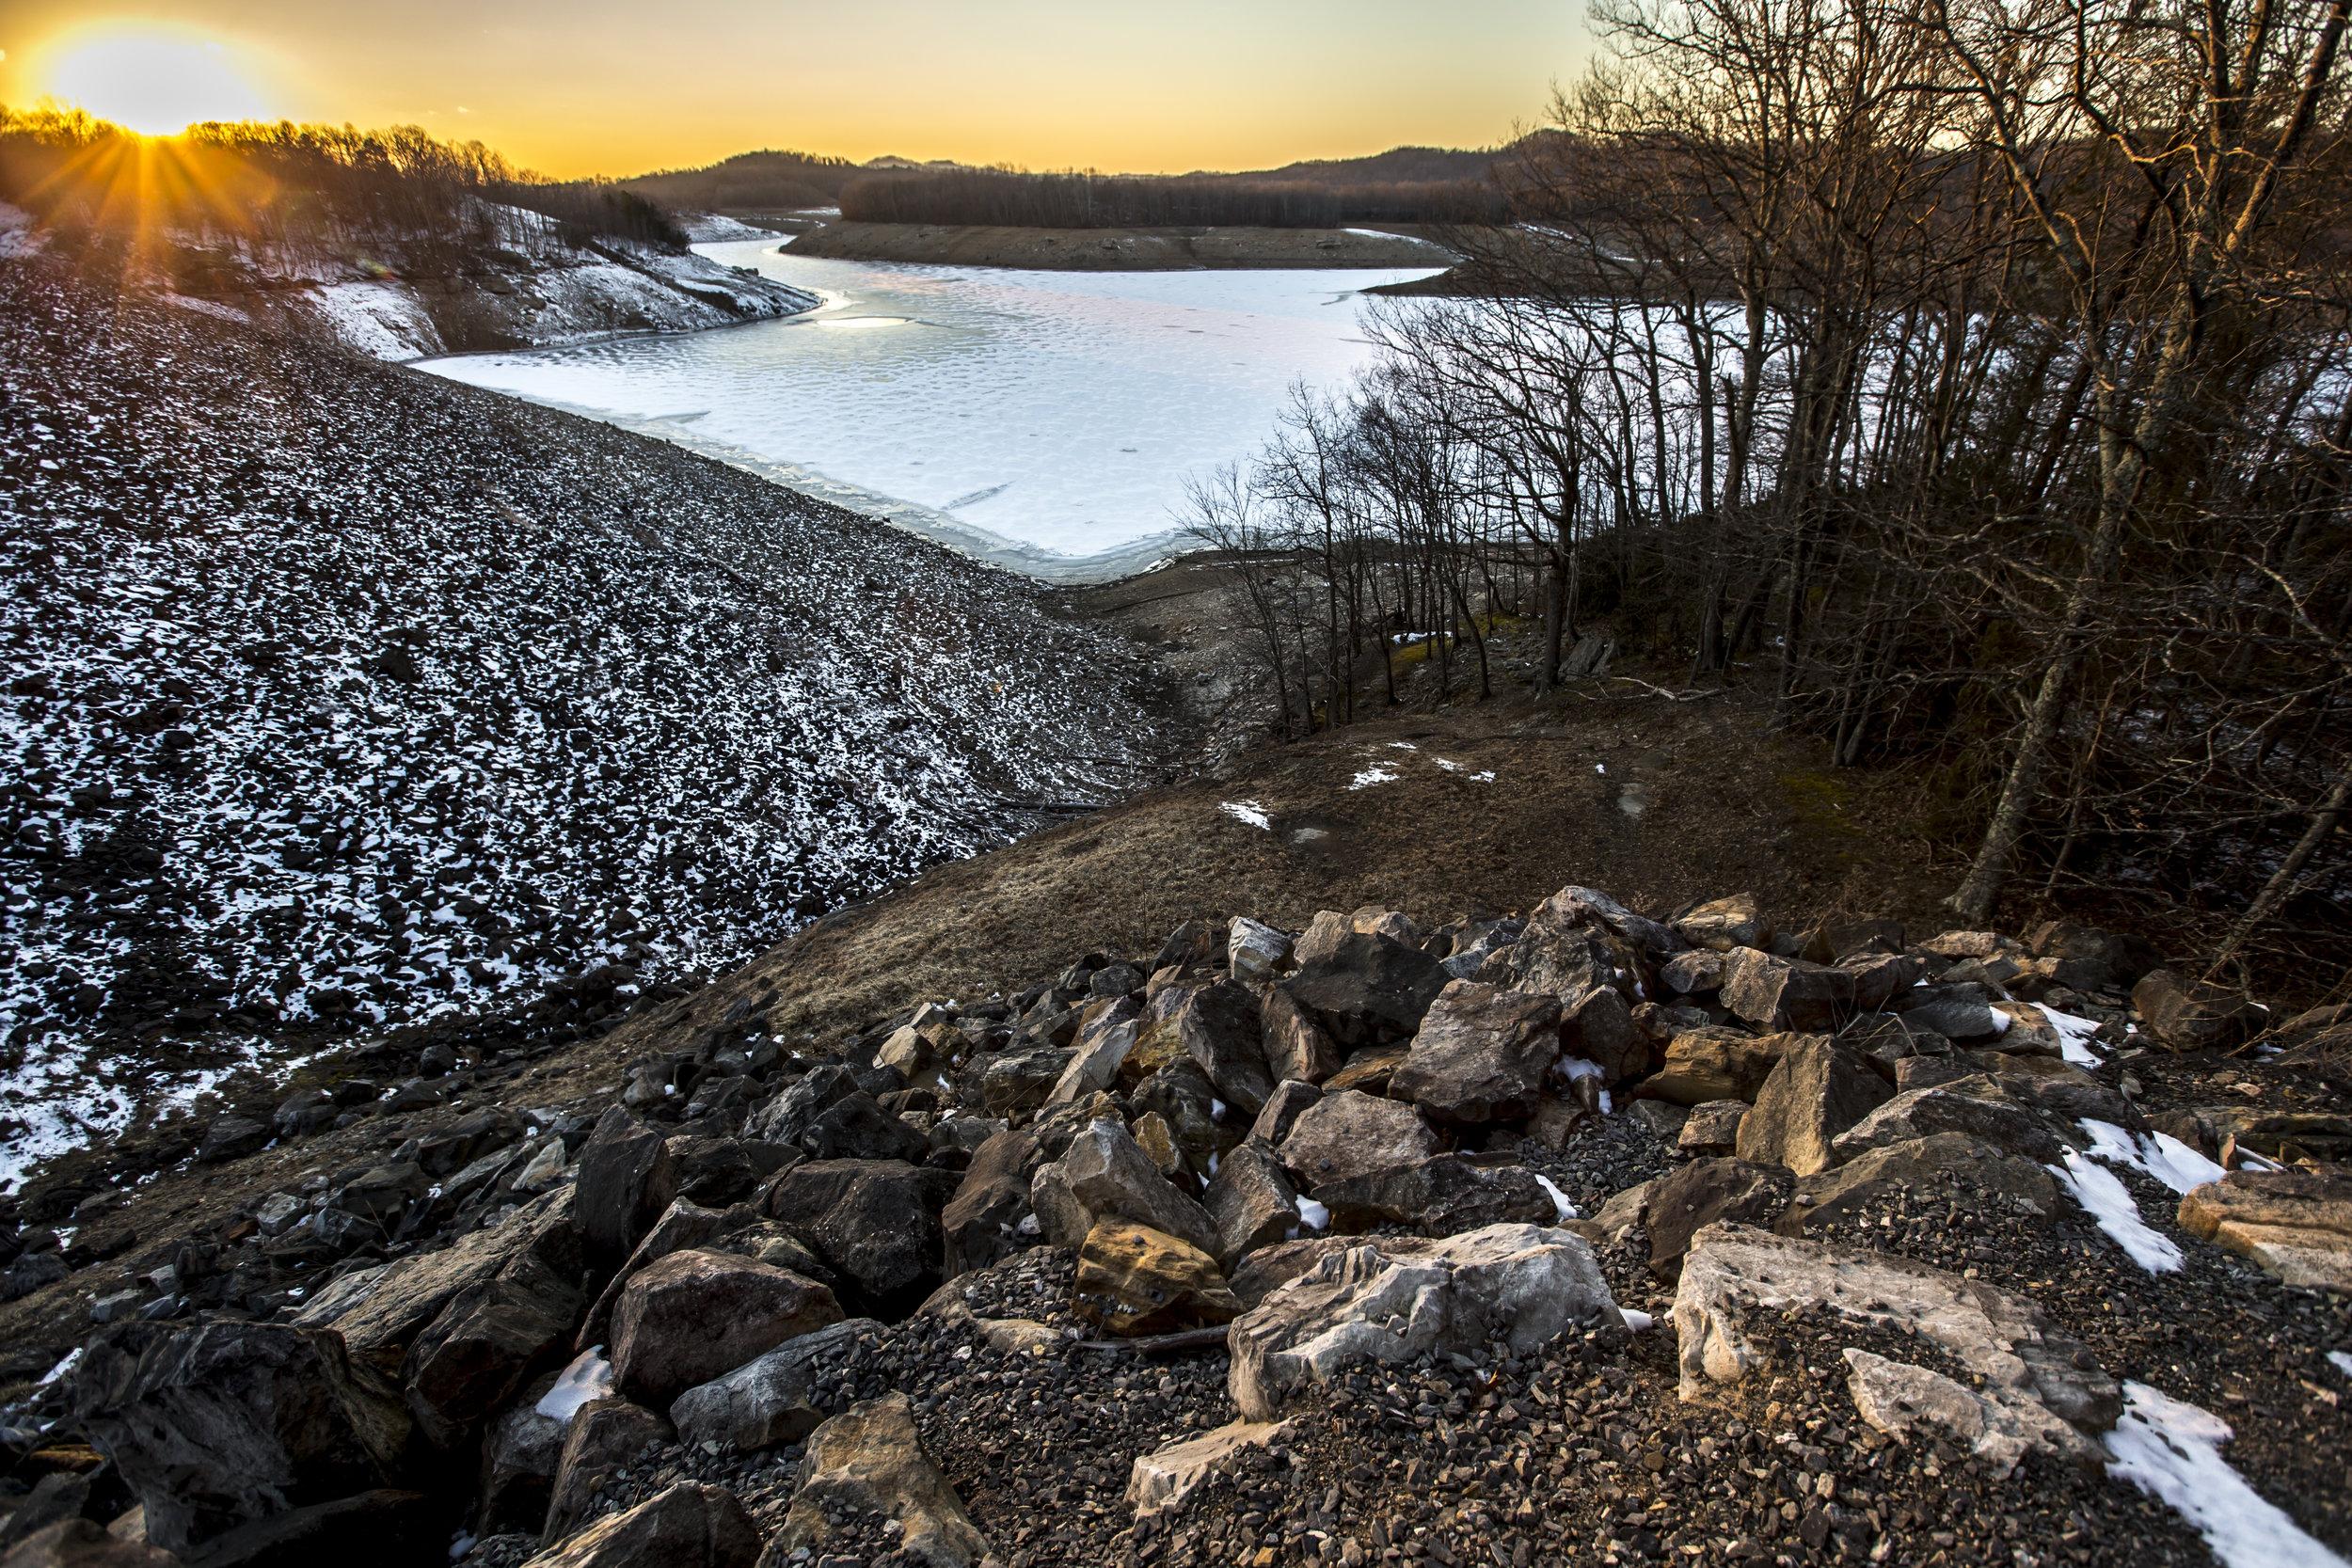 Sunset over Summersville Reservoir in West Virginia on February 27, 2014.jpg